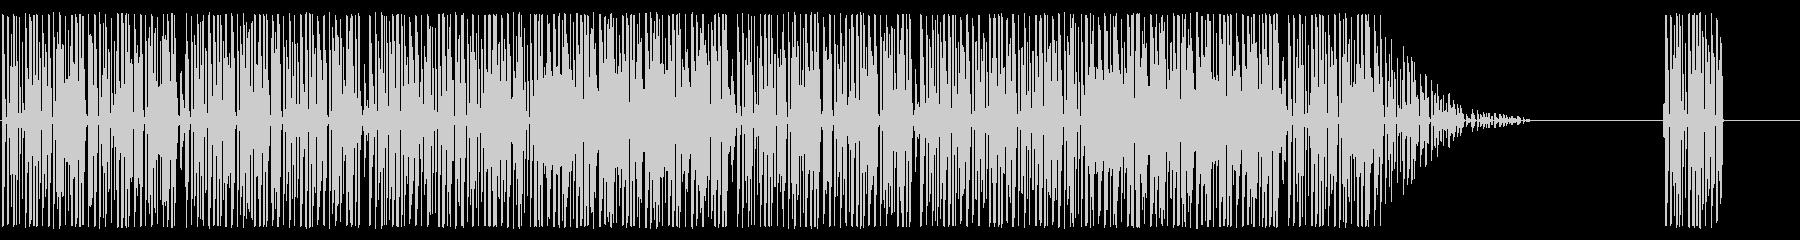 R&B / Bluesインストゥル...の未再生の波形